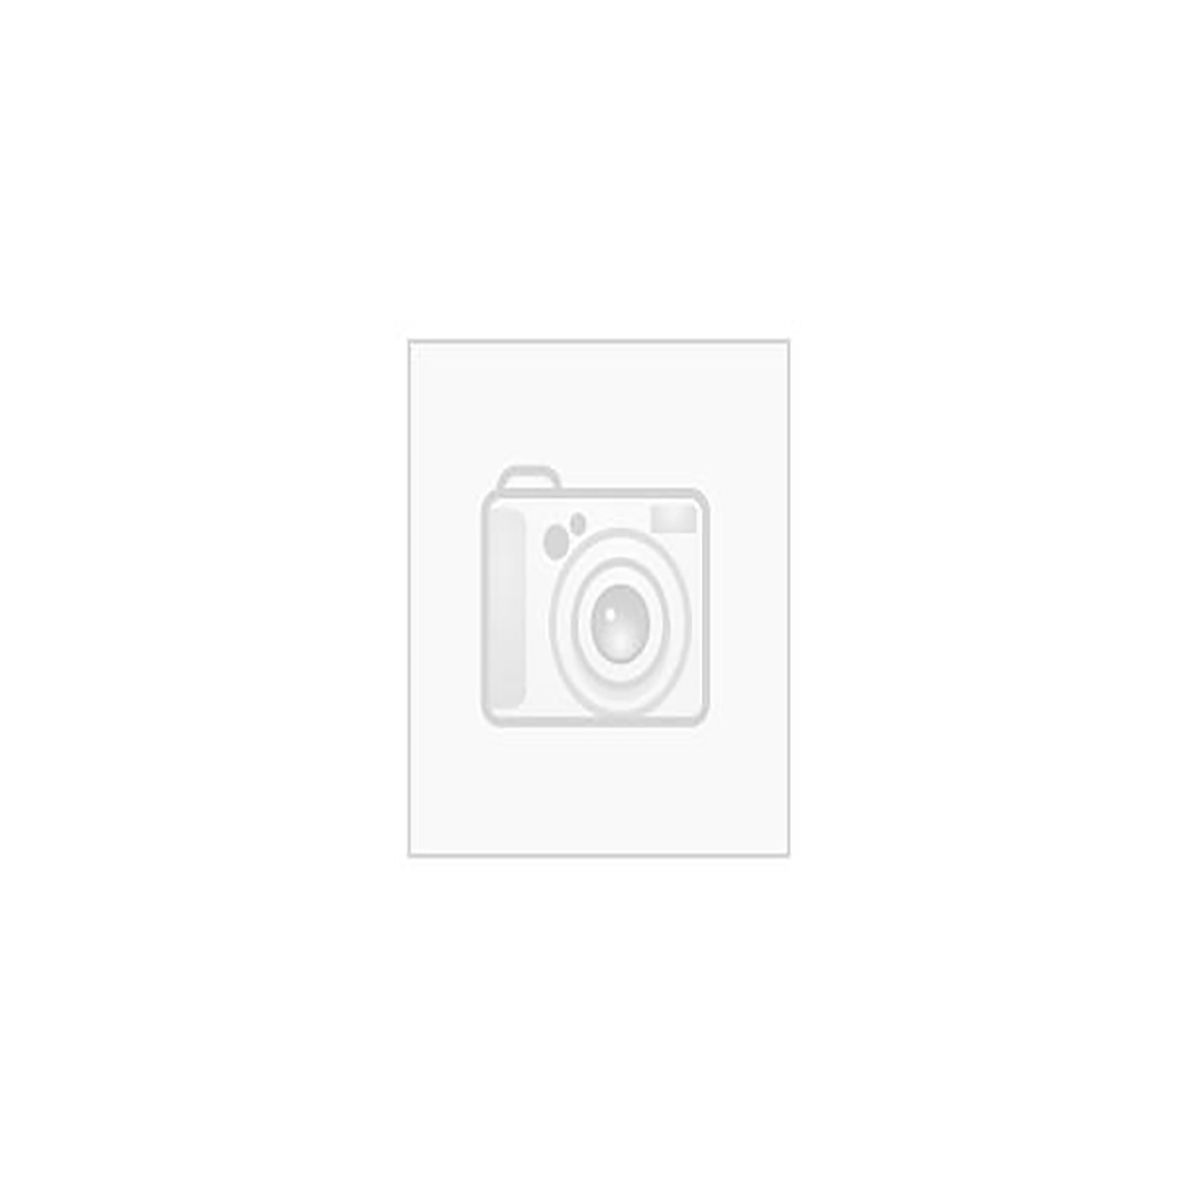 Sanipex Ventil f/fordeler med frimutter NK 16 mm m/ grep